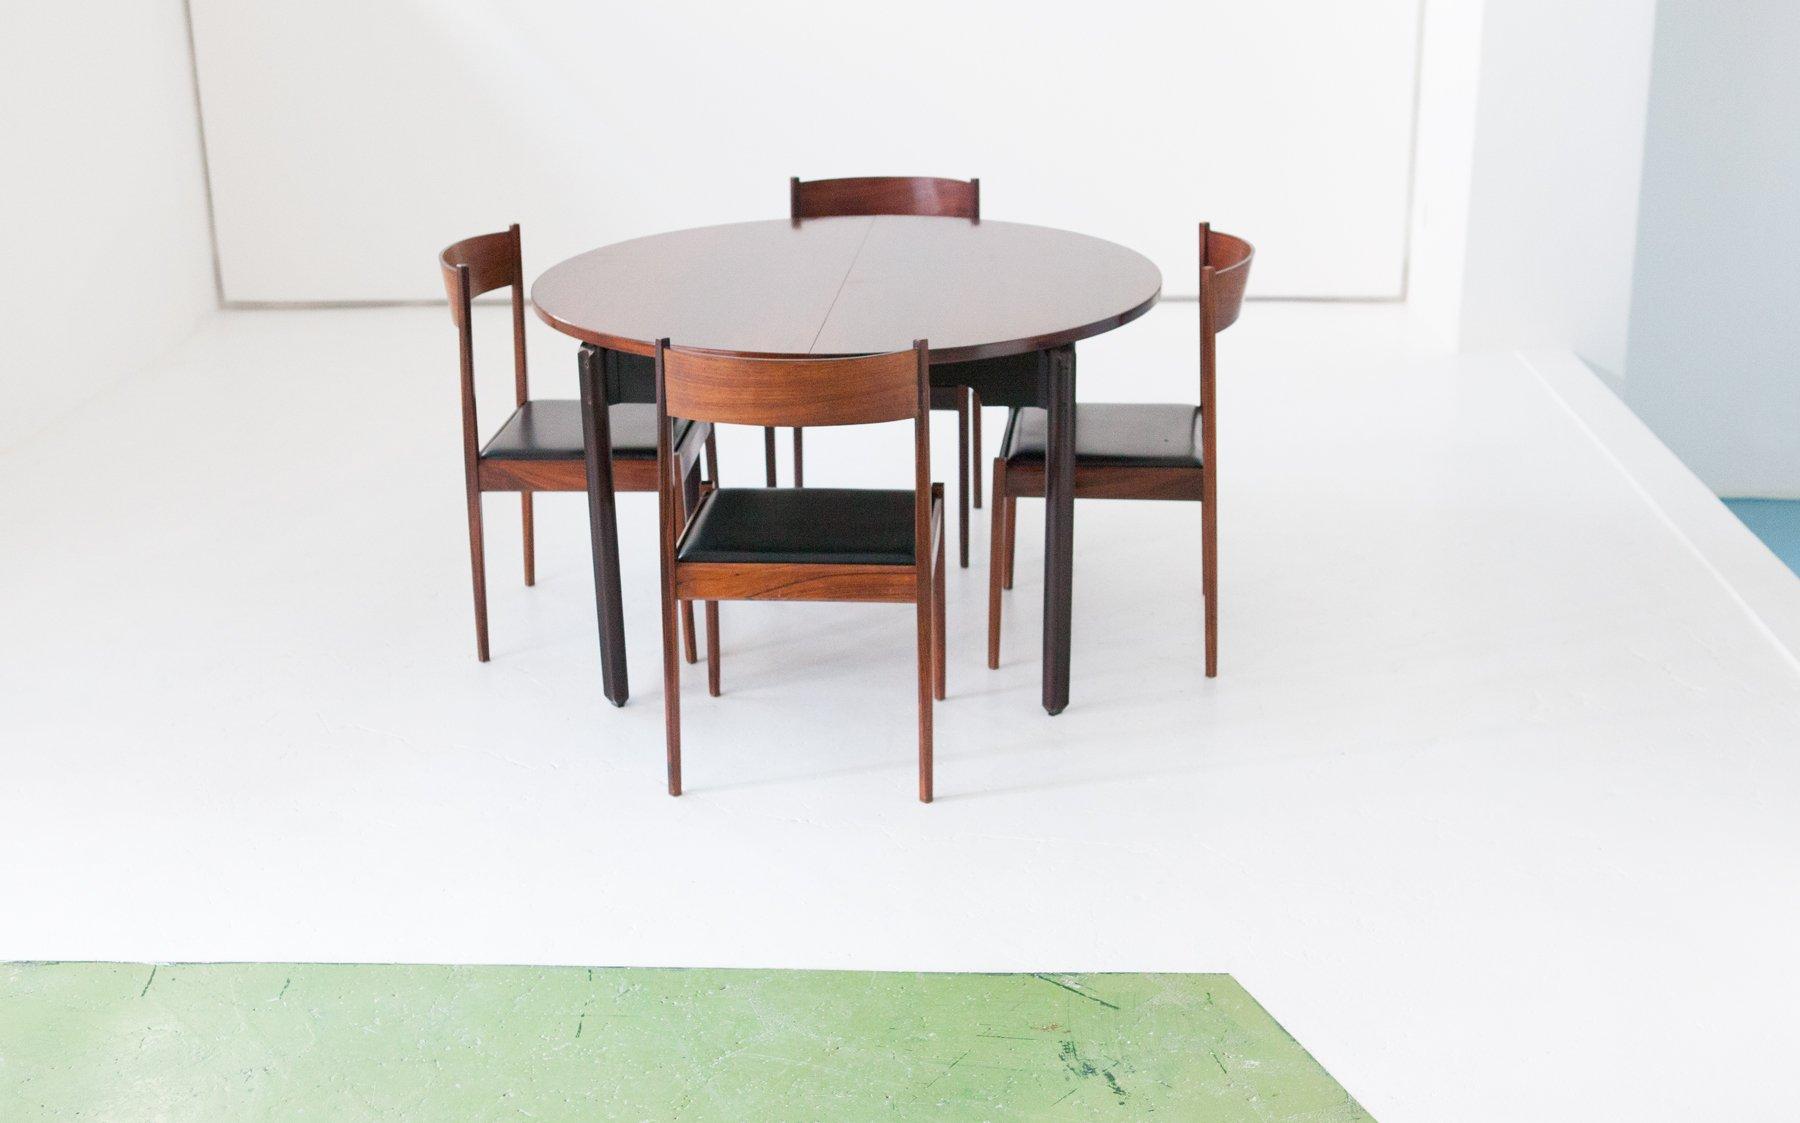 Tavolo da pranzo con 4 sedie in palissandro di stildomus - Sedie tavolo da pranzo ...